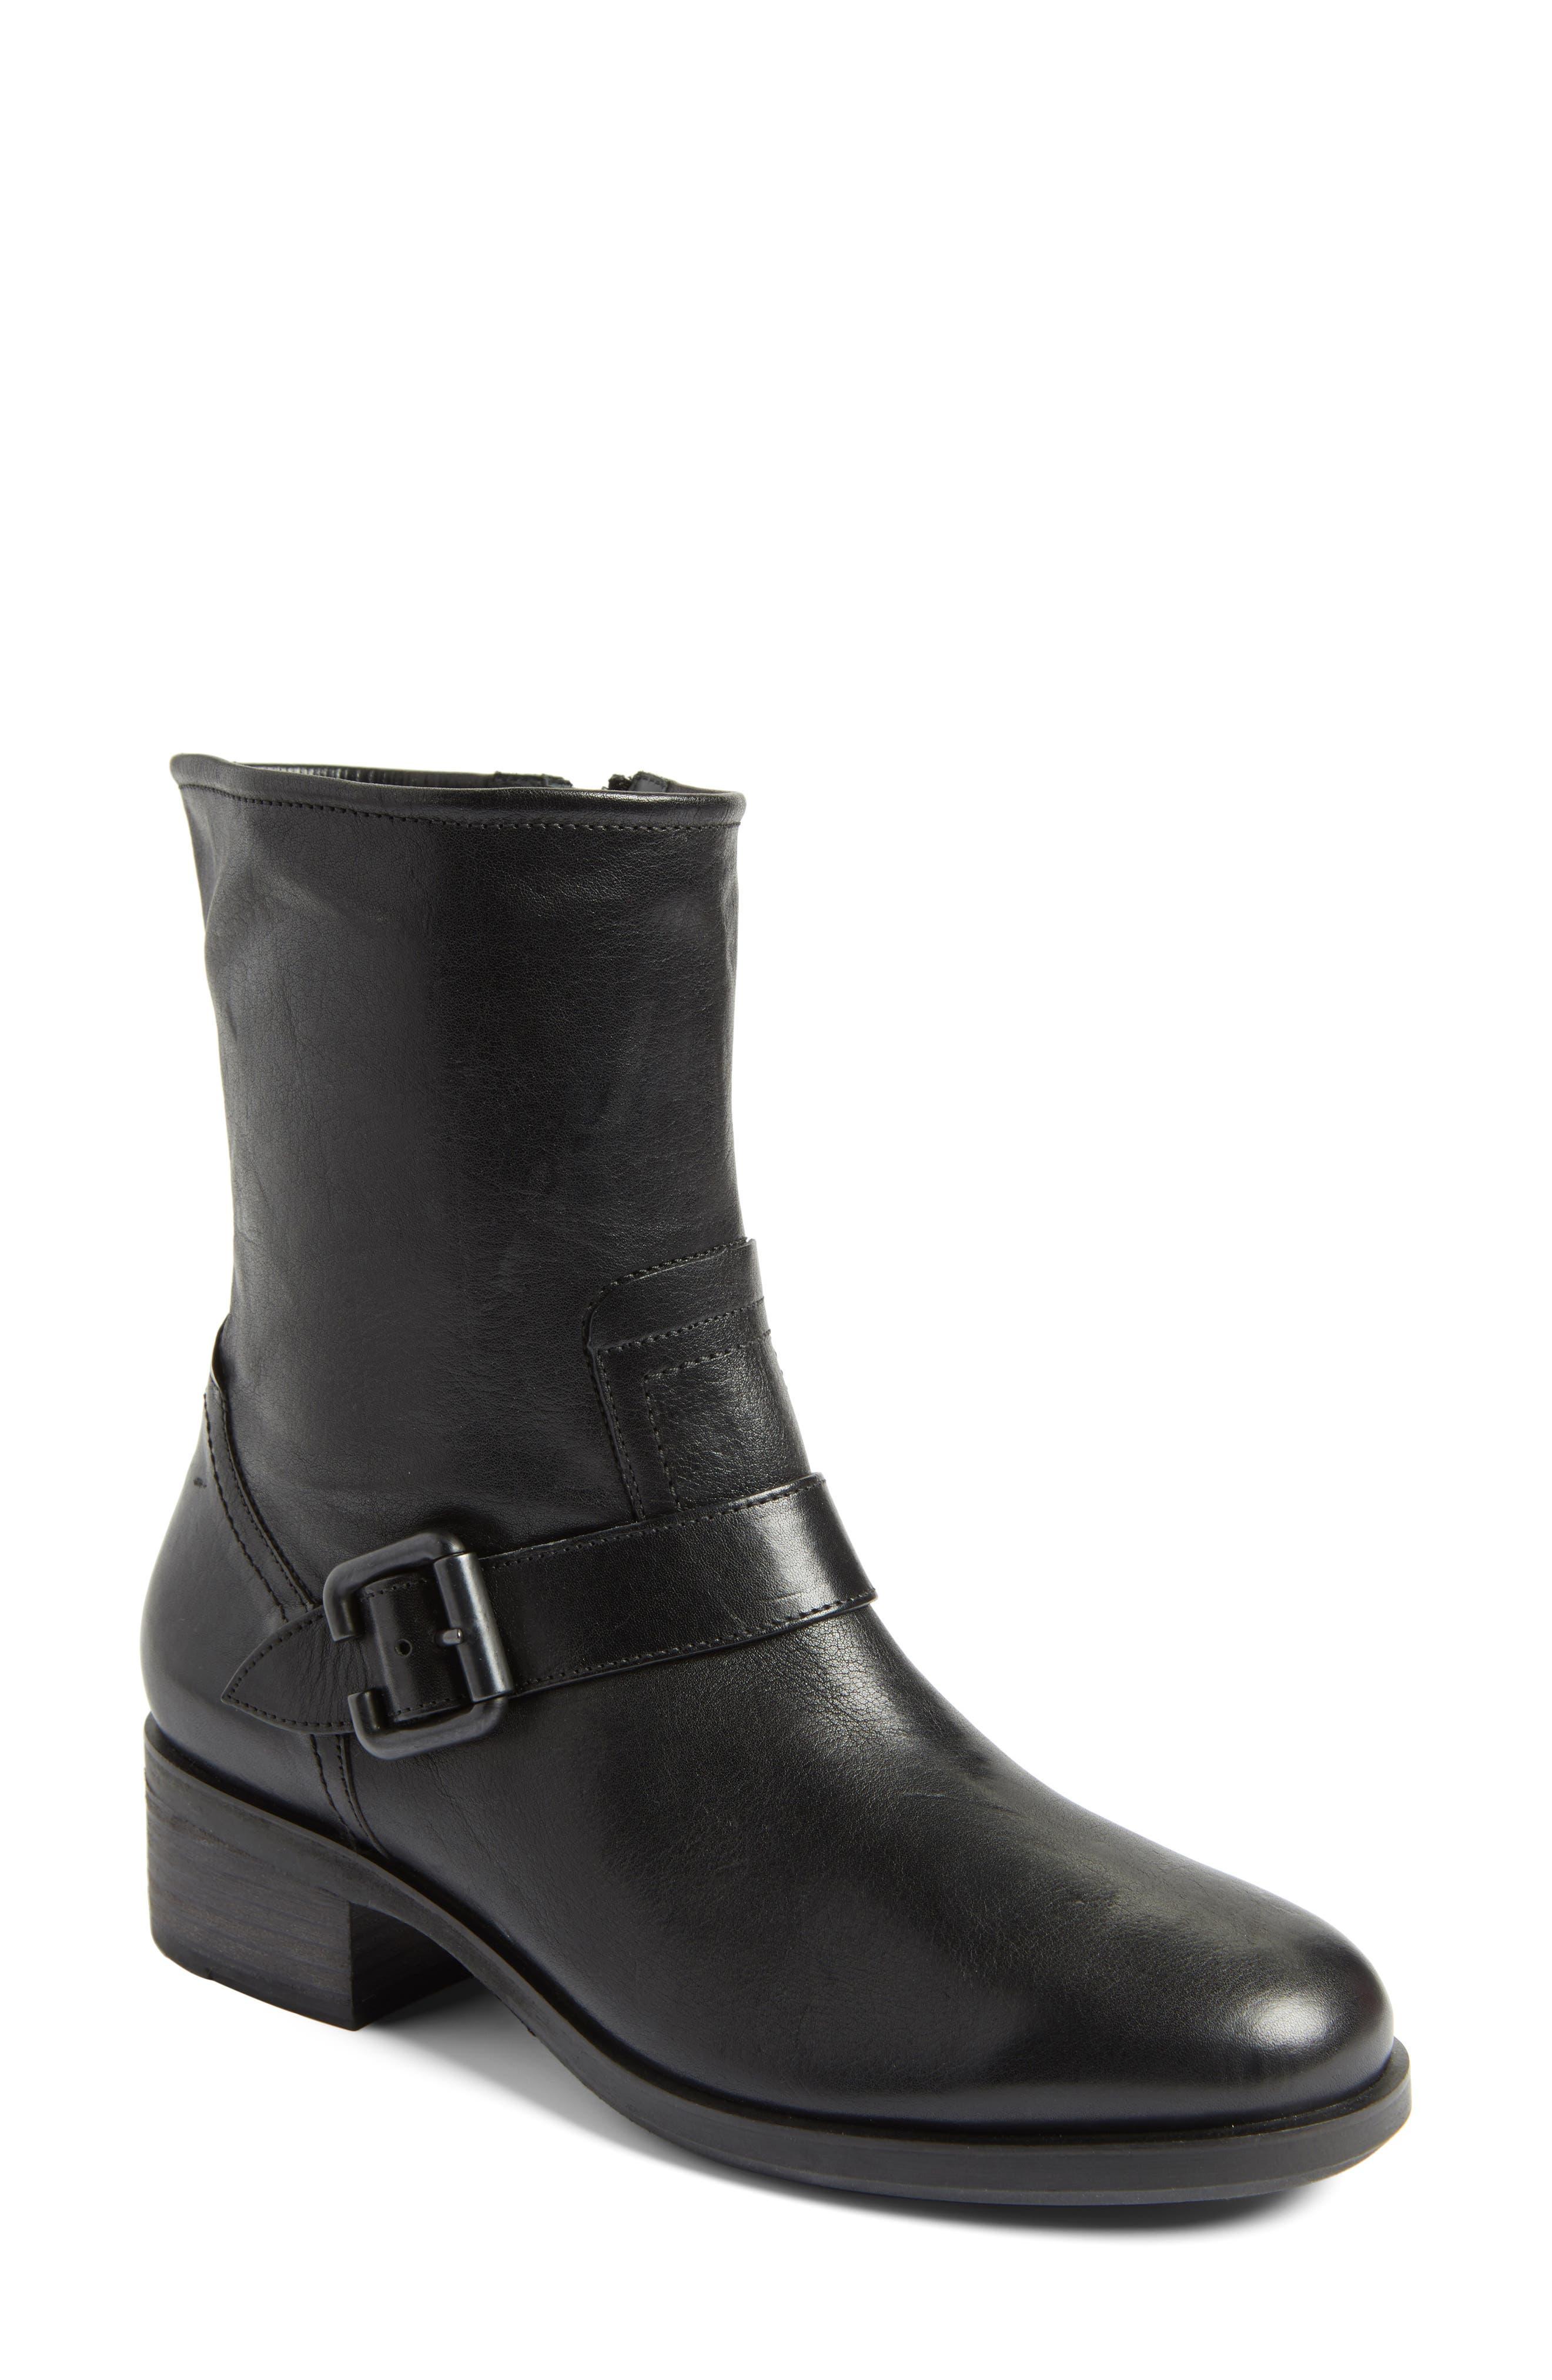 Nixon Moto Boot,                         Main,                         color, Black Leather